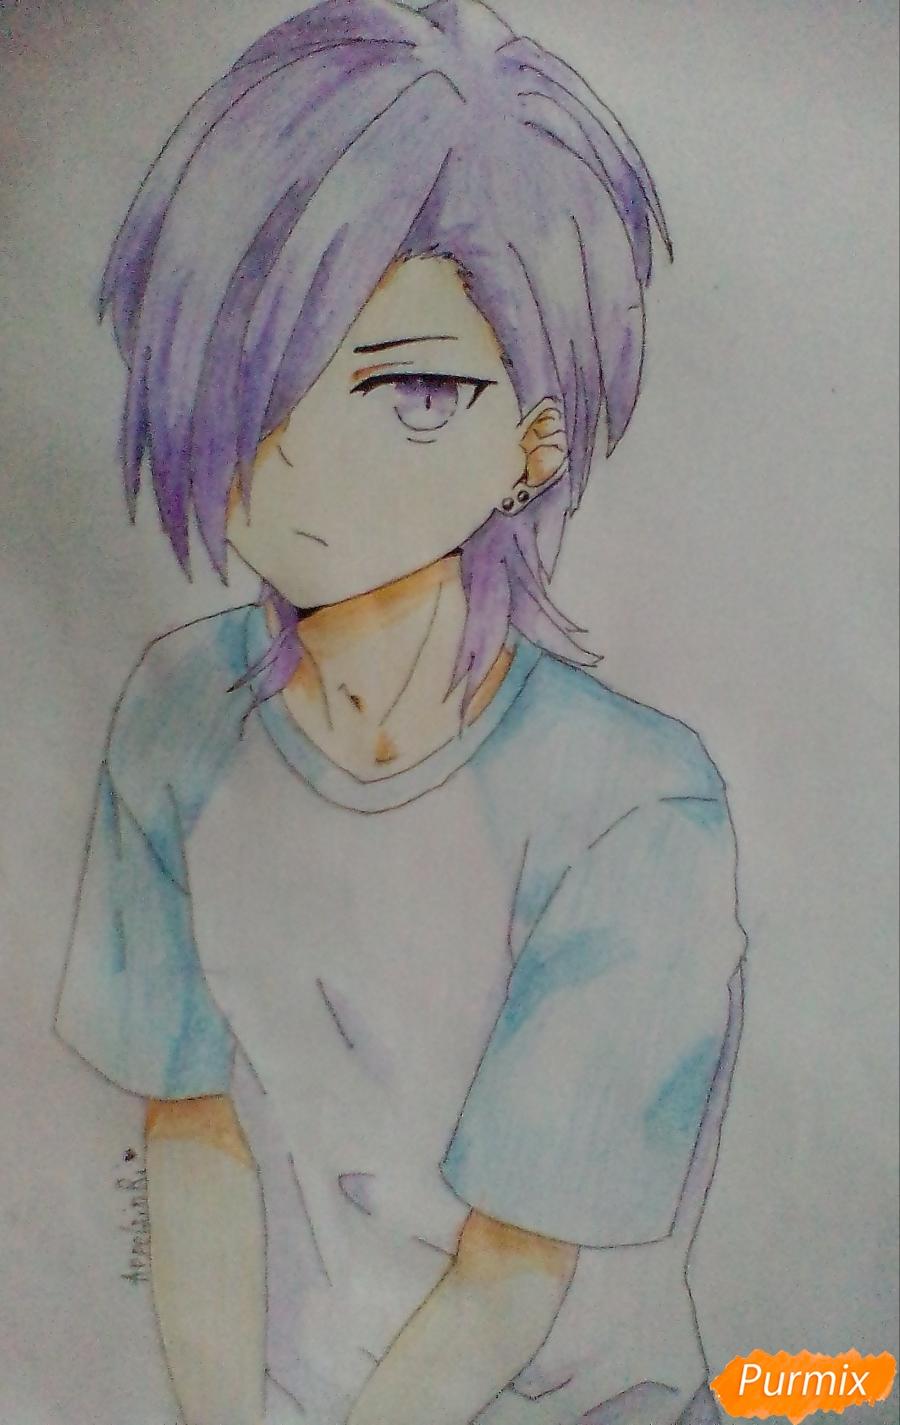 Как нарисовать Хандзо Урусихару из аниме Сатана на подработке карандашом поэтапно